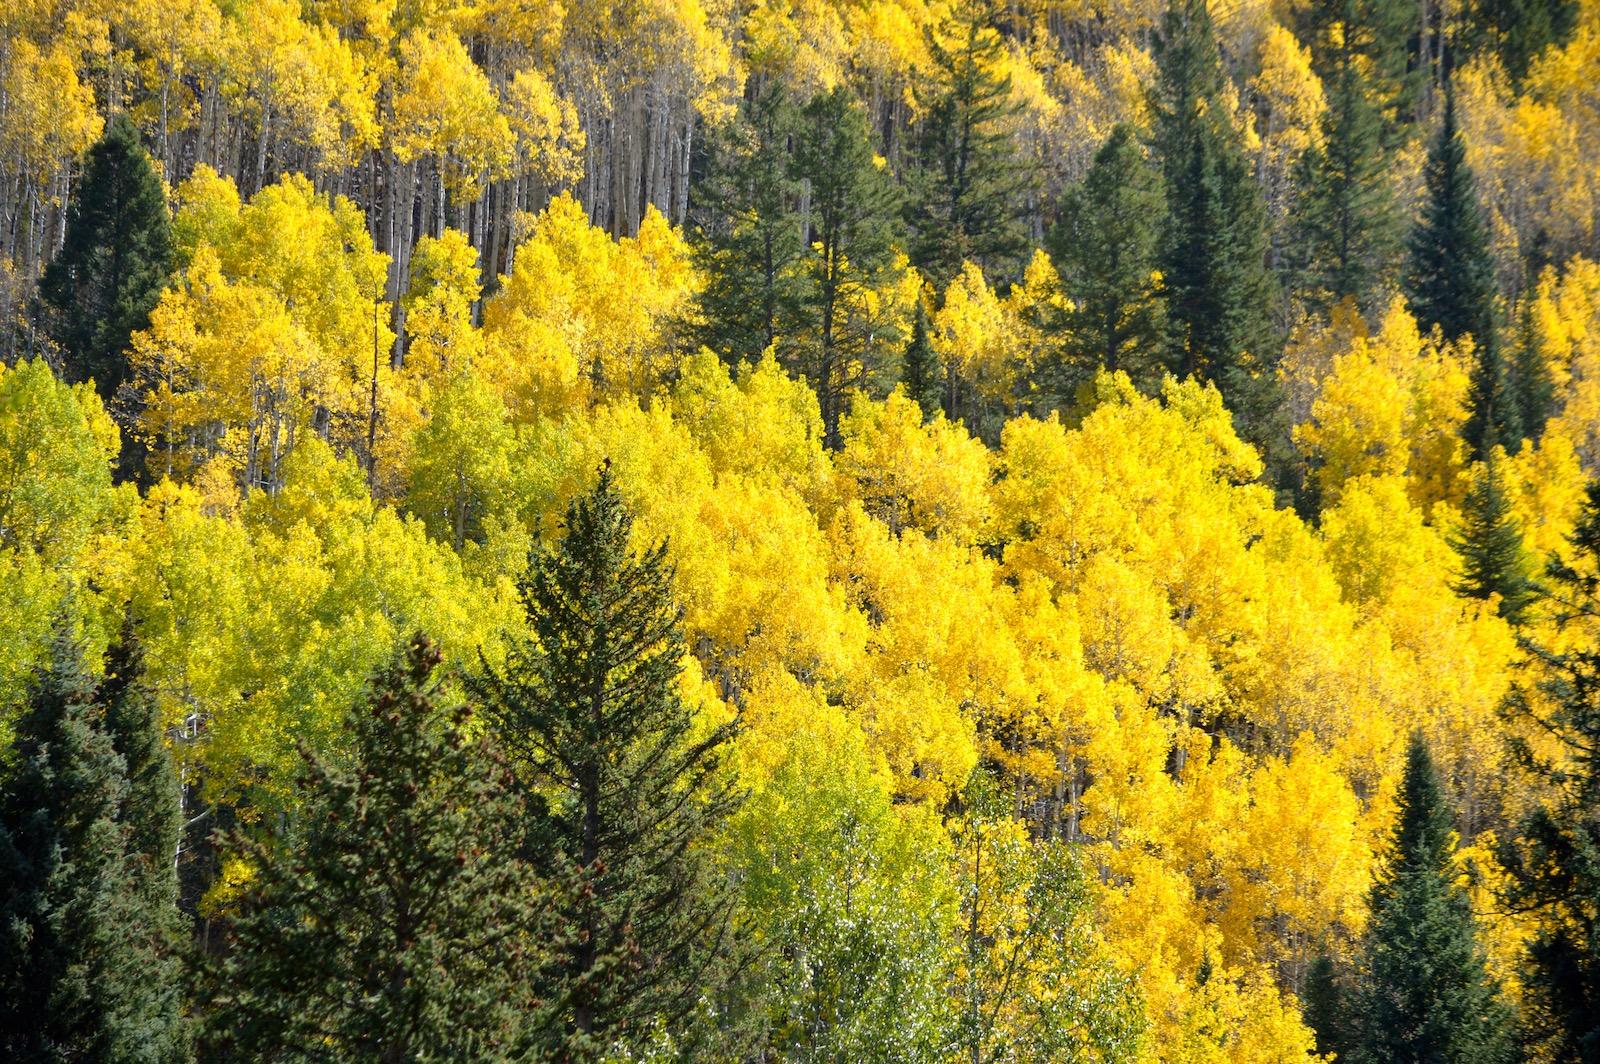 Aspen Trees Cheri Ruskus.jpg